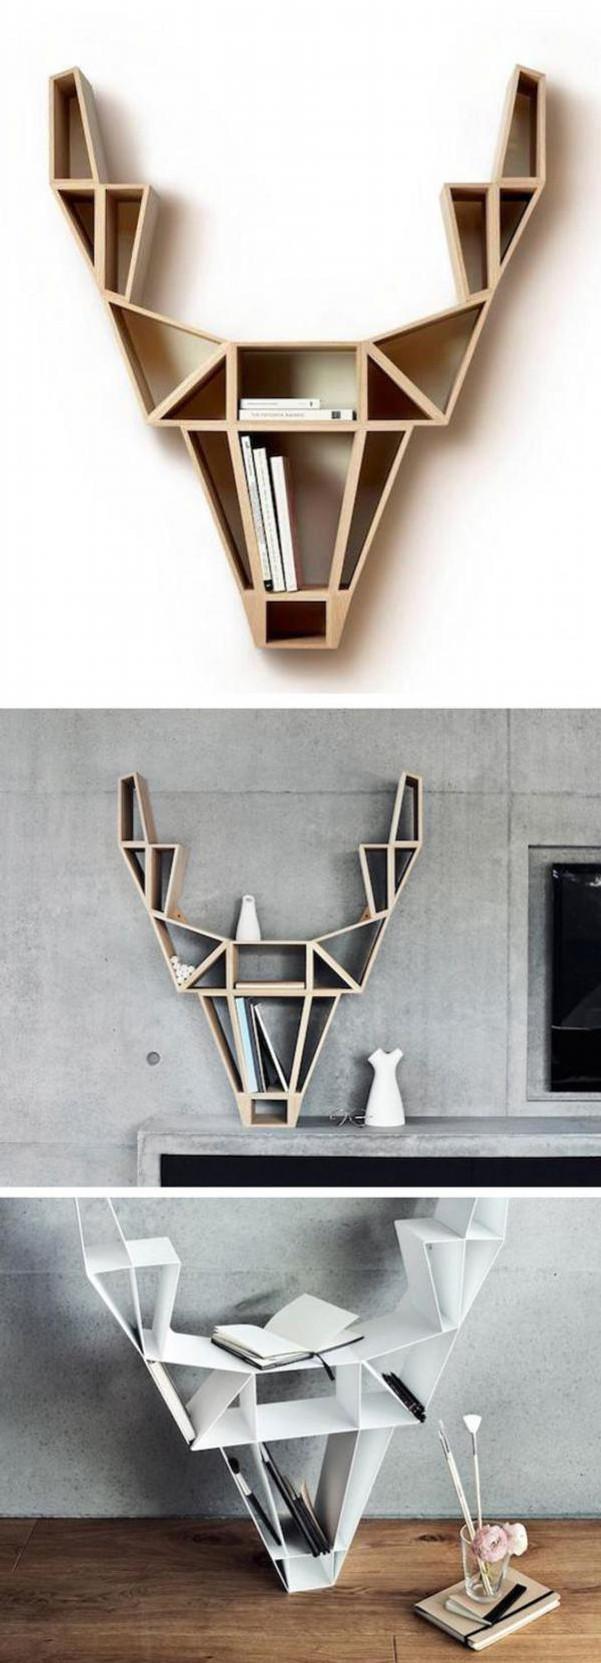 deer-shelfs